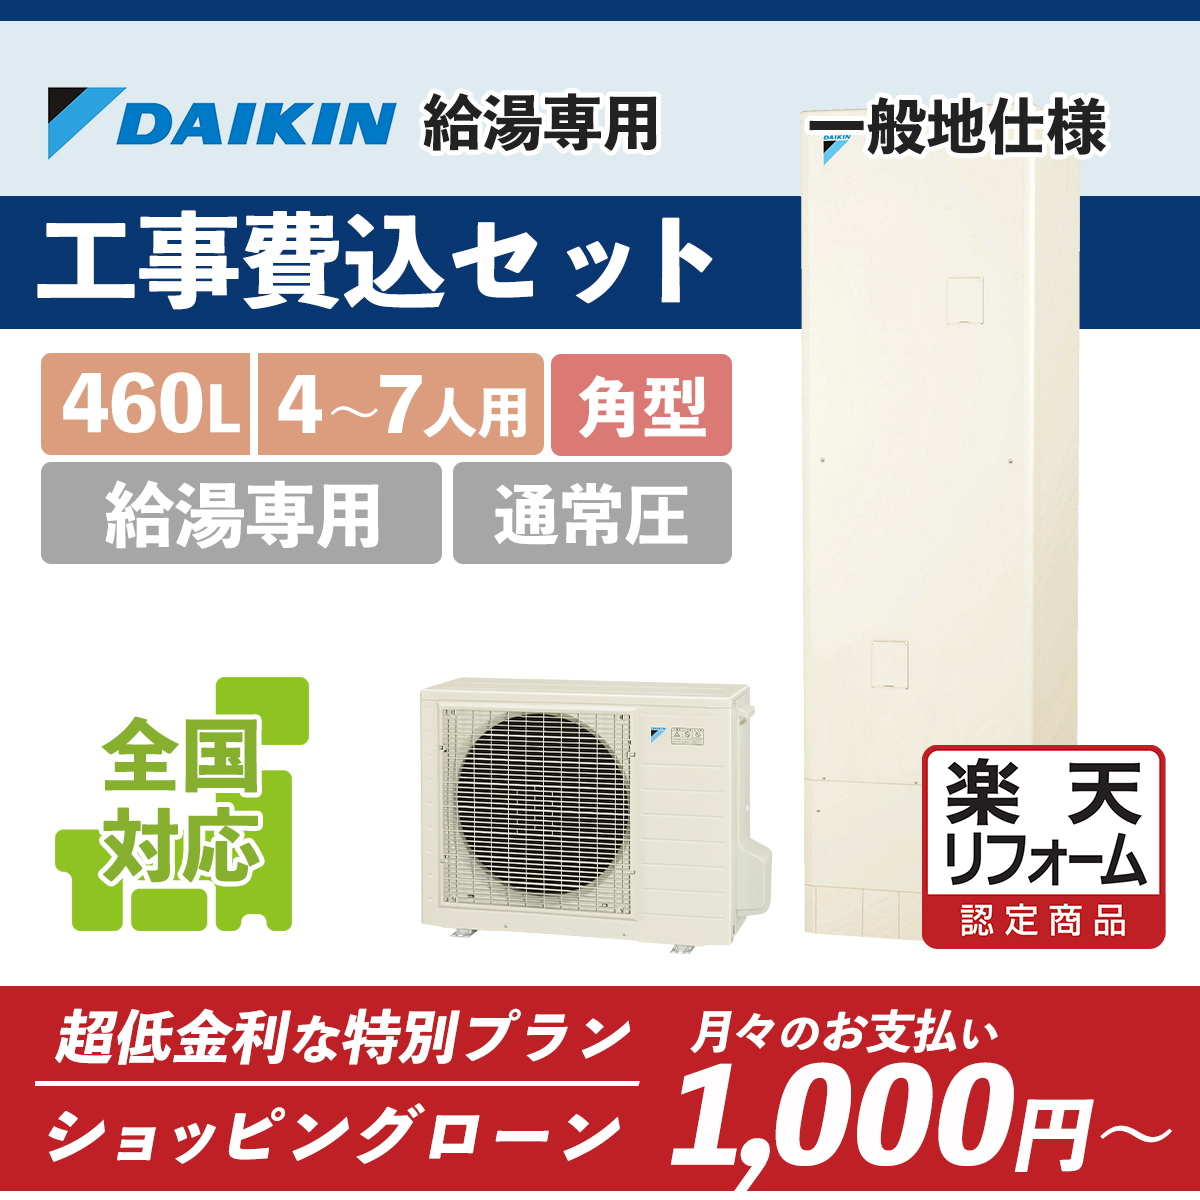 【リフォーム認定商品】EQN46UV|ダイキン 角型 高圧 給湯専用 460L|エコキュート工事費込み!全国対応!リモコンセット,給湯器,交換工事費込み,給湯専用,DAIKIN